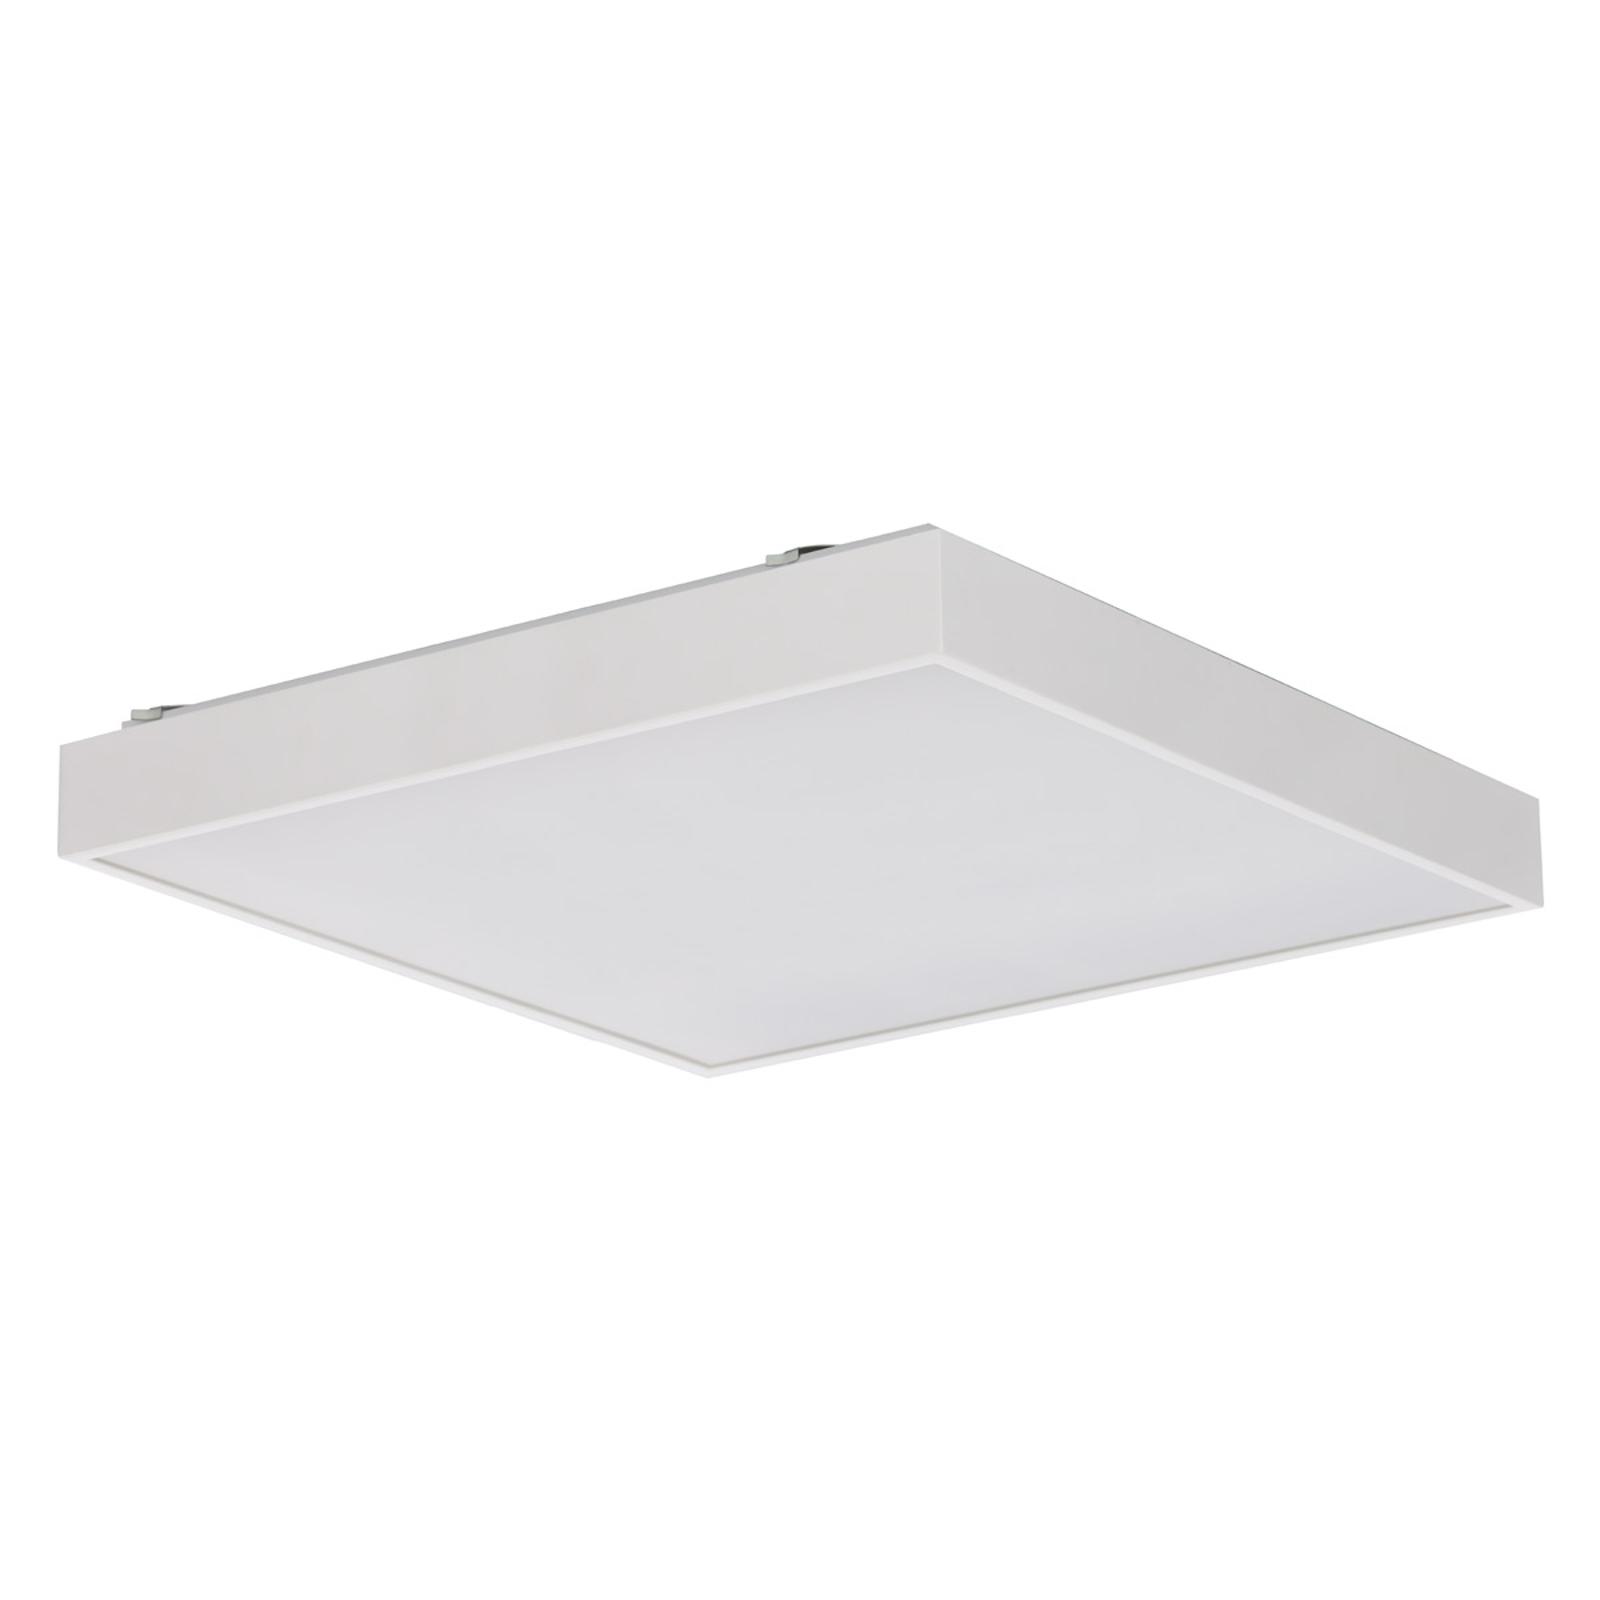 Säästeliäs LED-kattovalaisin Q6 valkoinen DALI